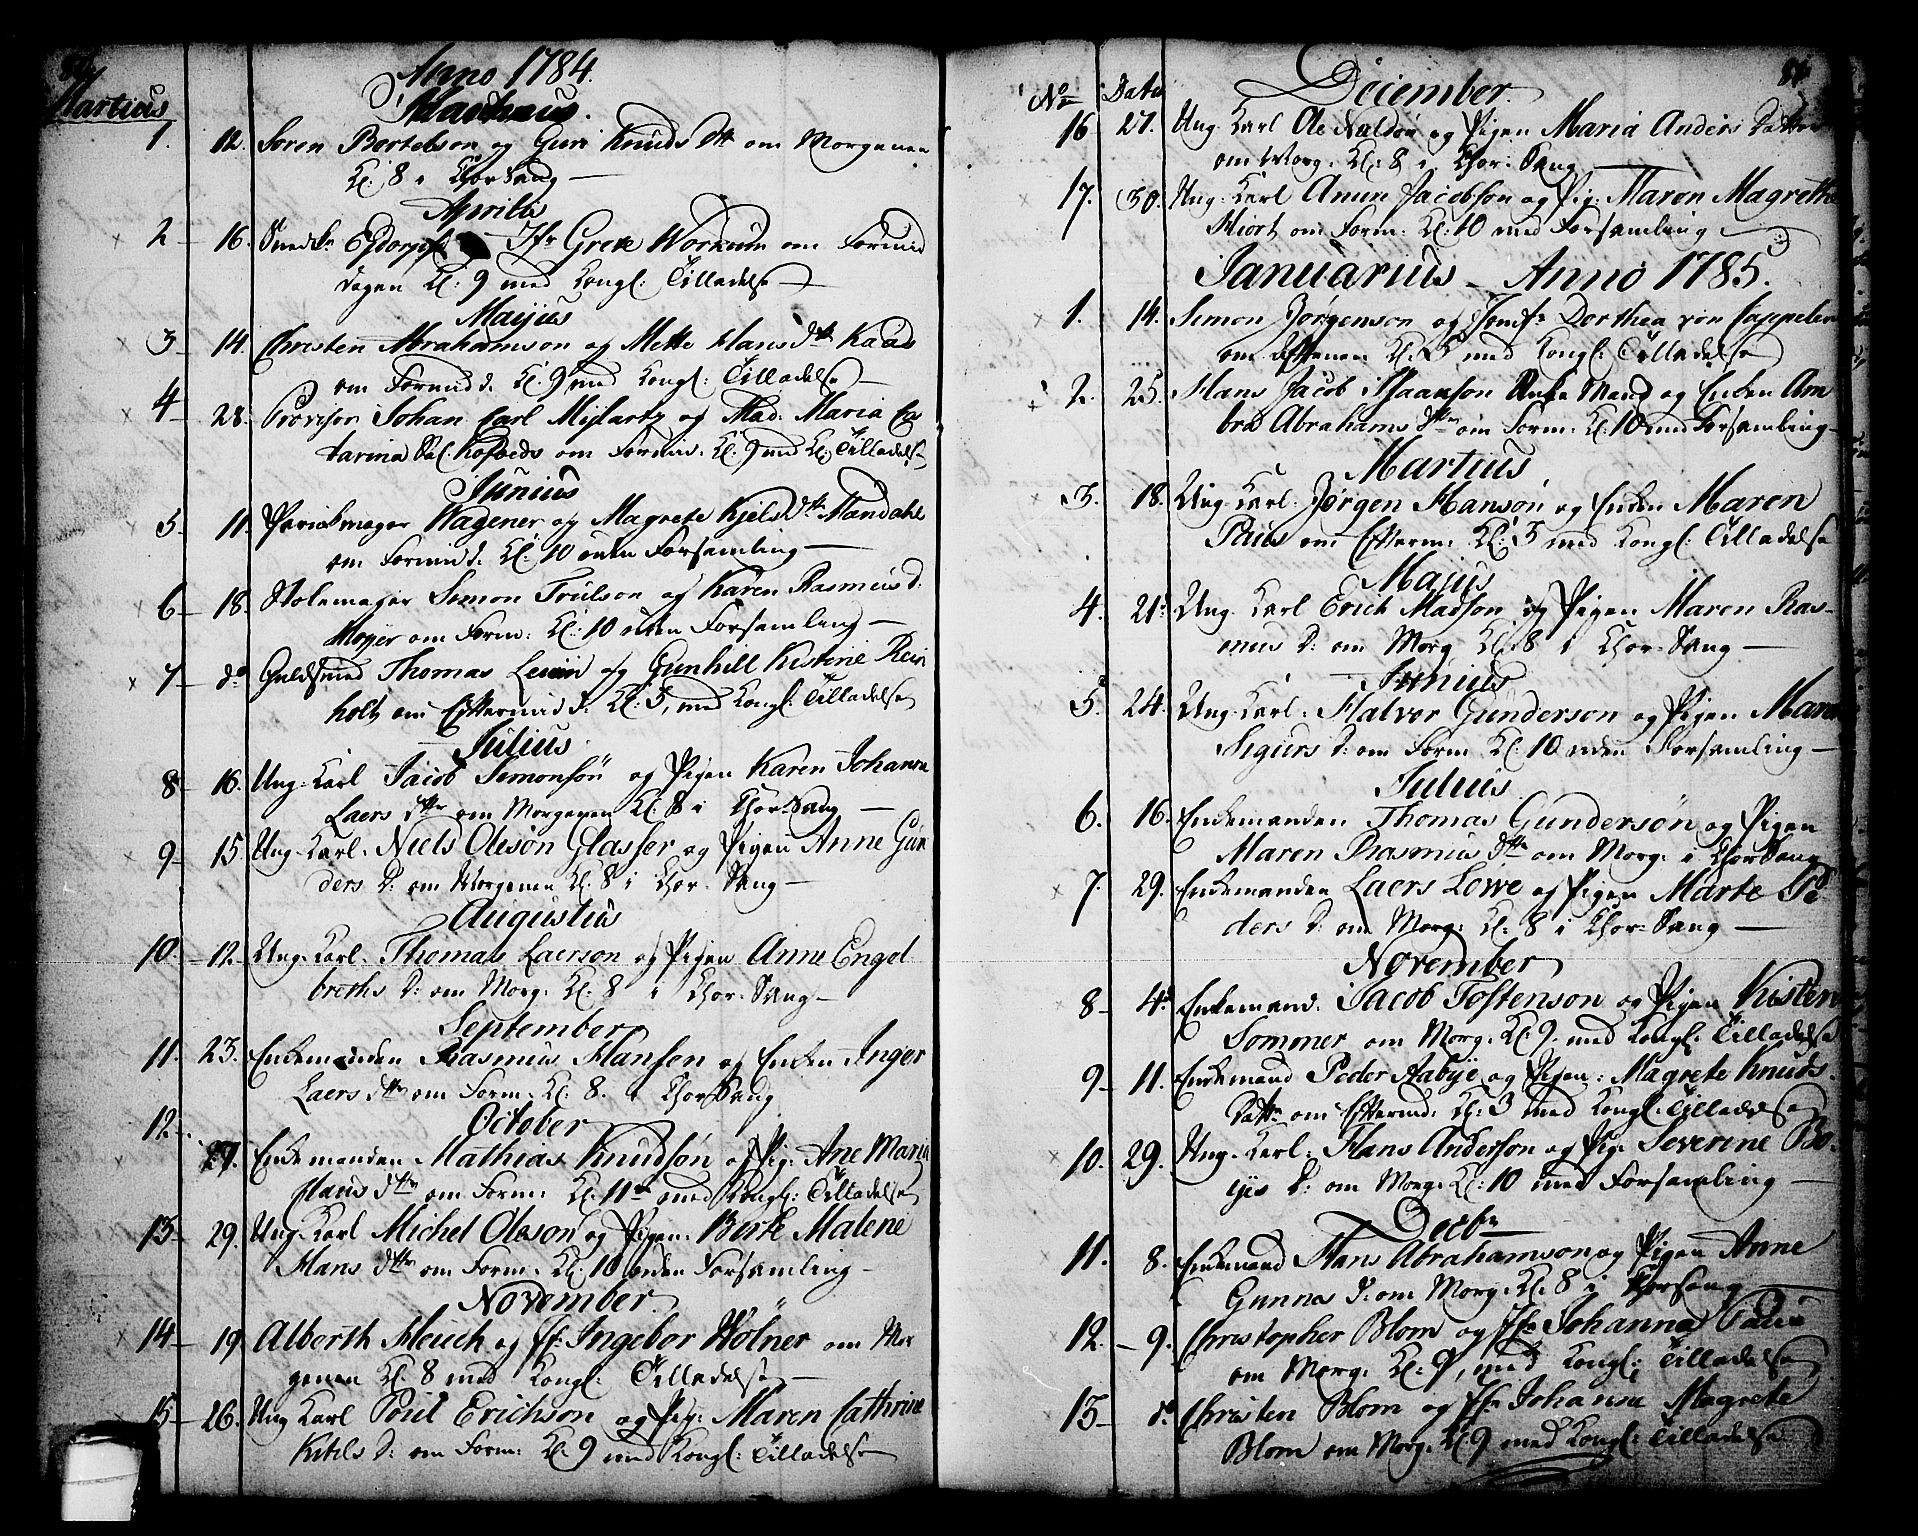 SAKO, Skien kirkebøker, F/Fa/L0003: Ministerialbok nr. 3, 1755-1791, s. 80-81